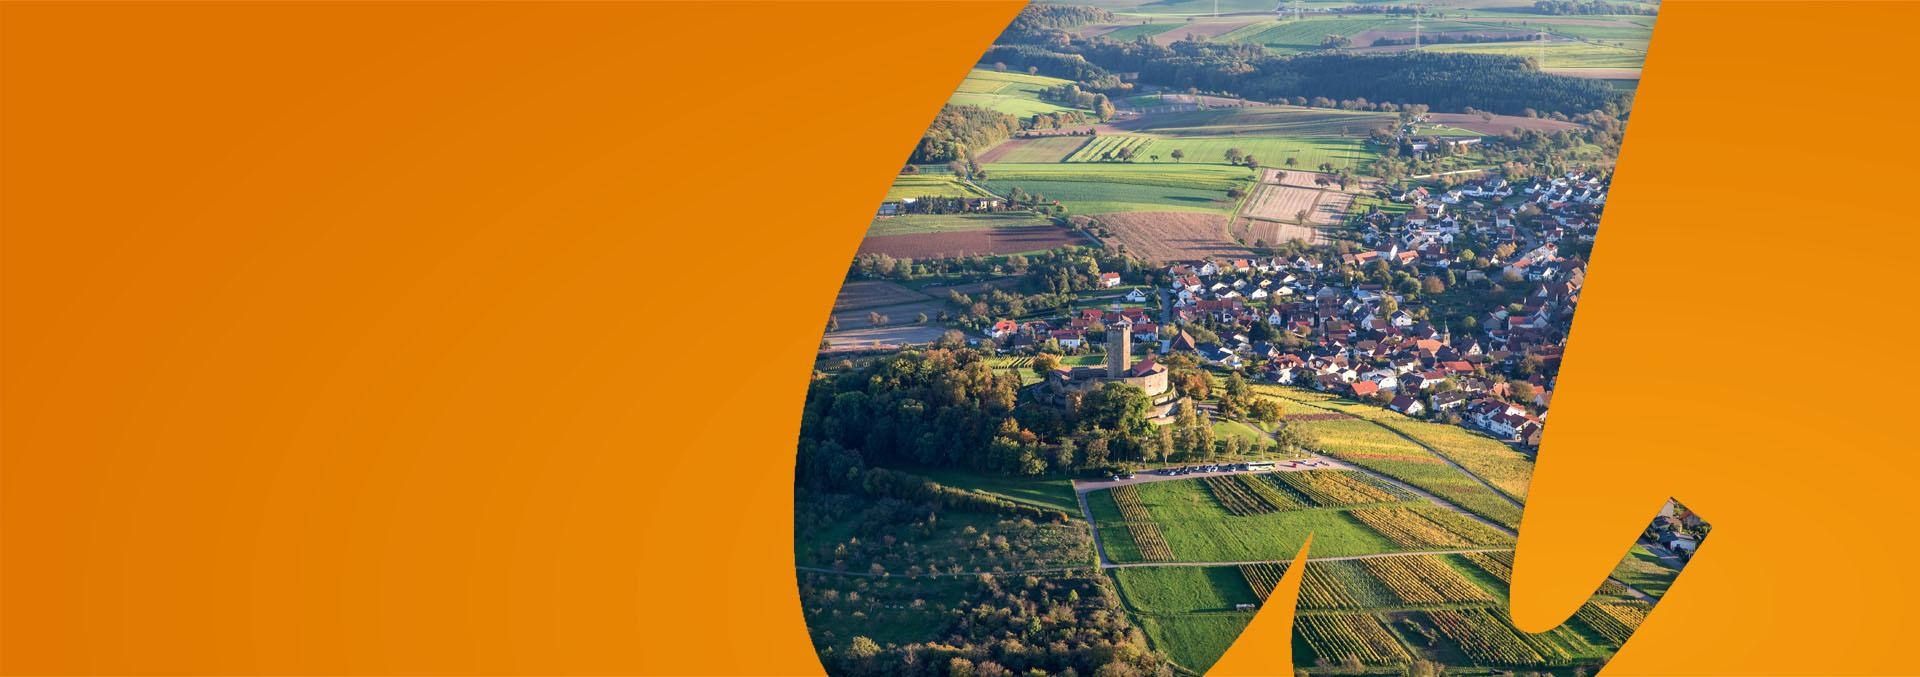 Headerbild Sinsheim-Weiler